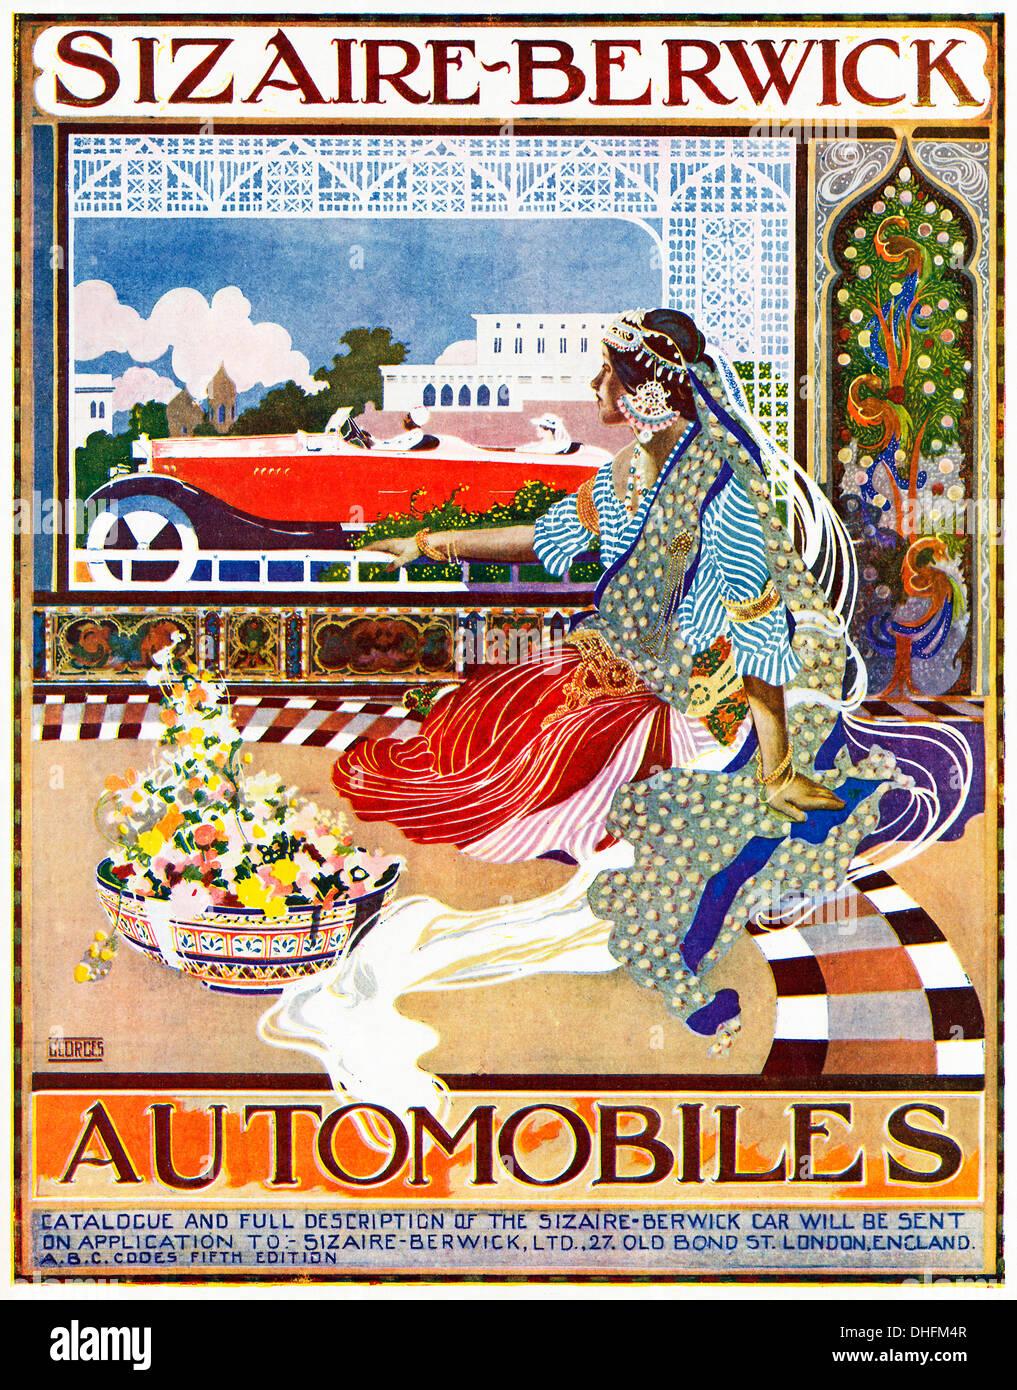 Sizaire Berwick Automobiles, 1919 annuncio per le automobili inglesi in una rivista indiana, una principessa orologi per una sola unità passato con la memsahib Immagini Stock